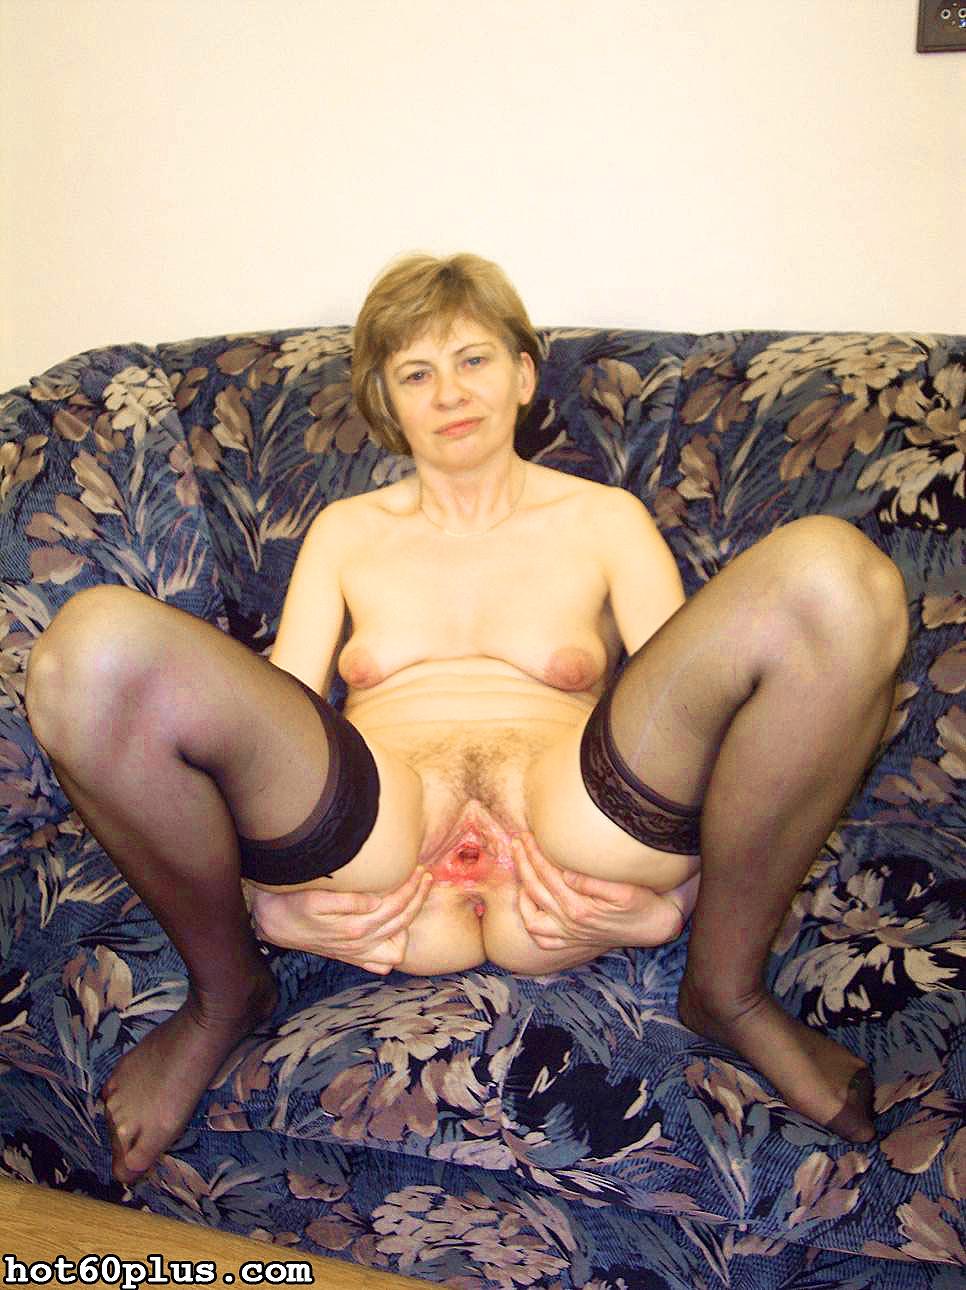 ХХХ фотки про трах с мамой на диване. Фото - 4